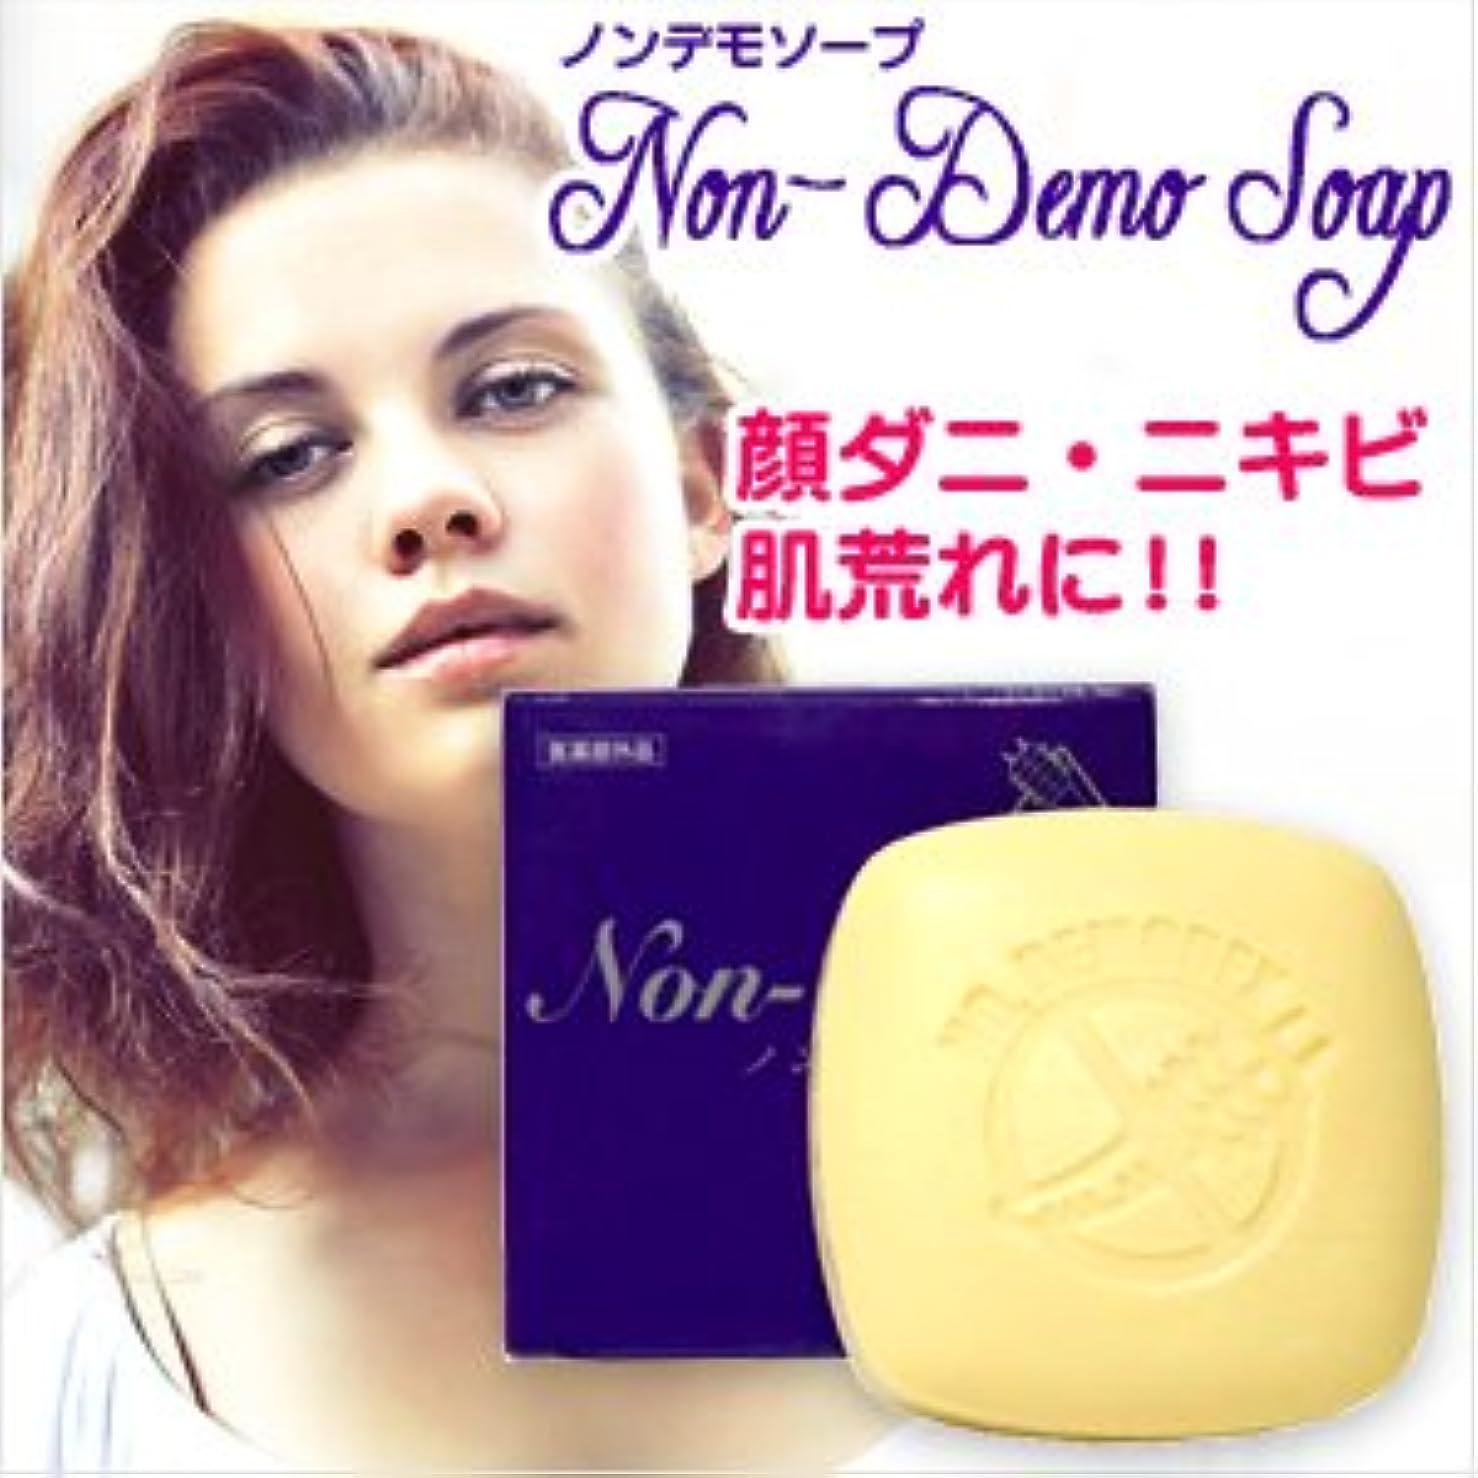 計り知れない感嘆符モディッシュ(医薬部外品) 顔ダニ石鹸 ノンデモソープ (Non-Demo Soap) 130g